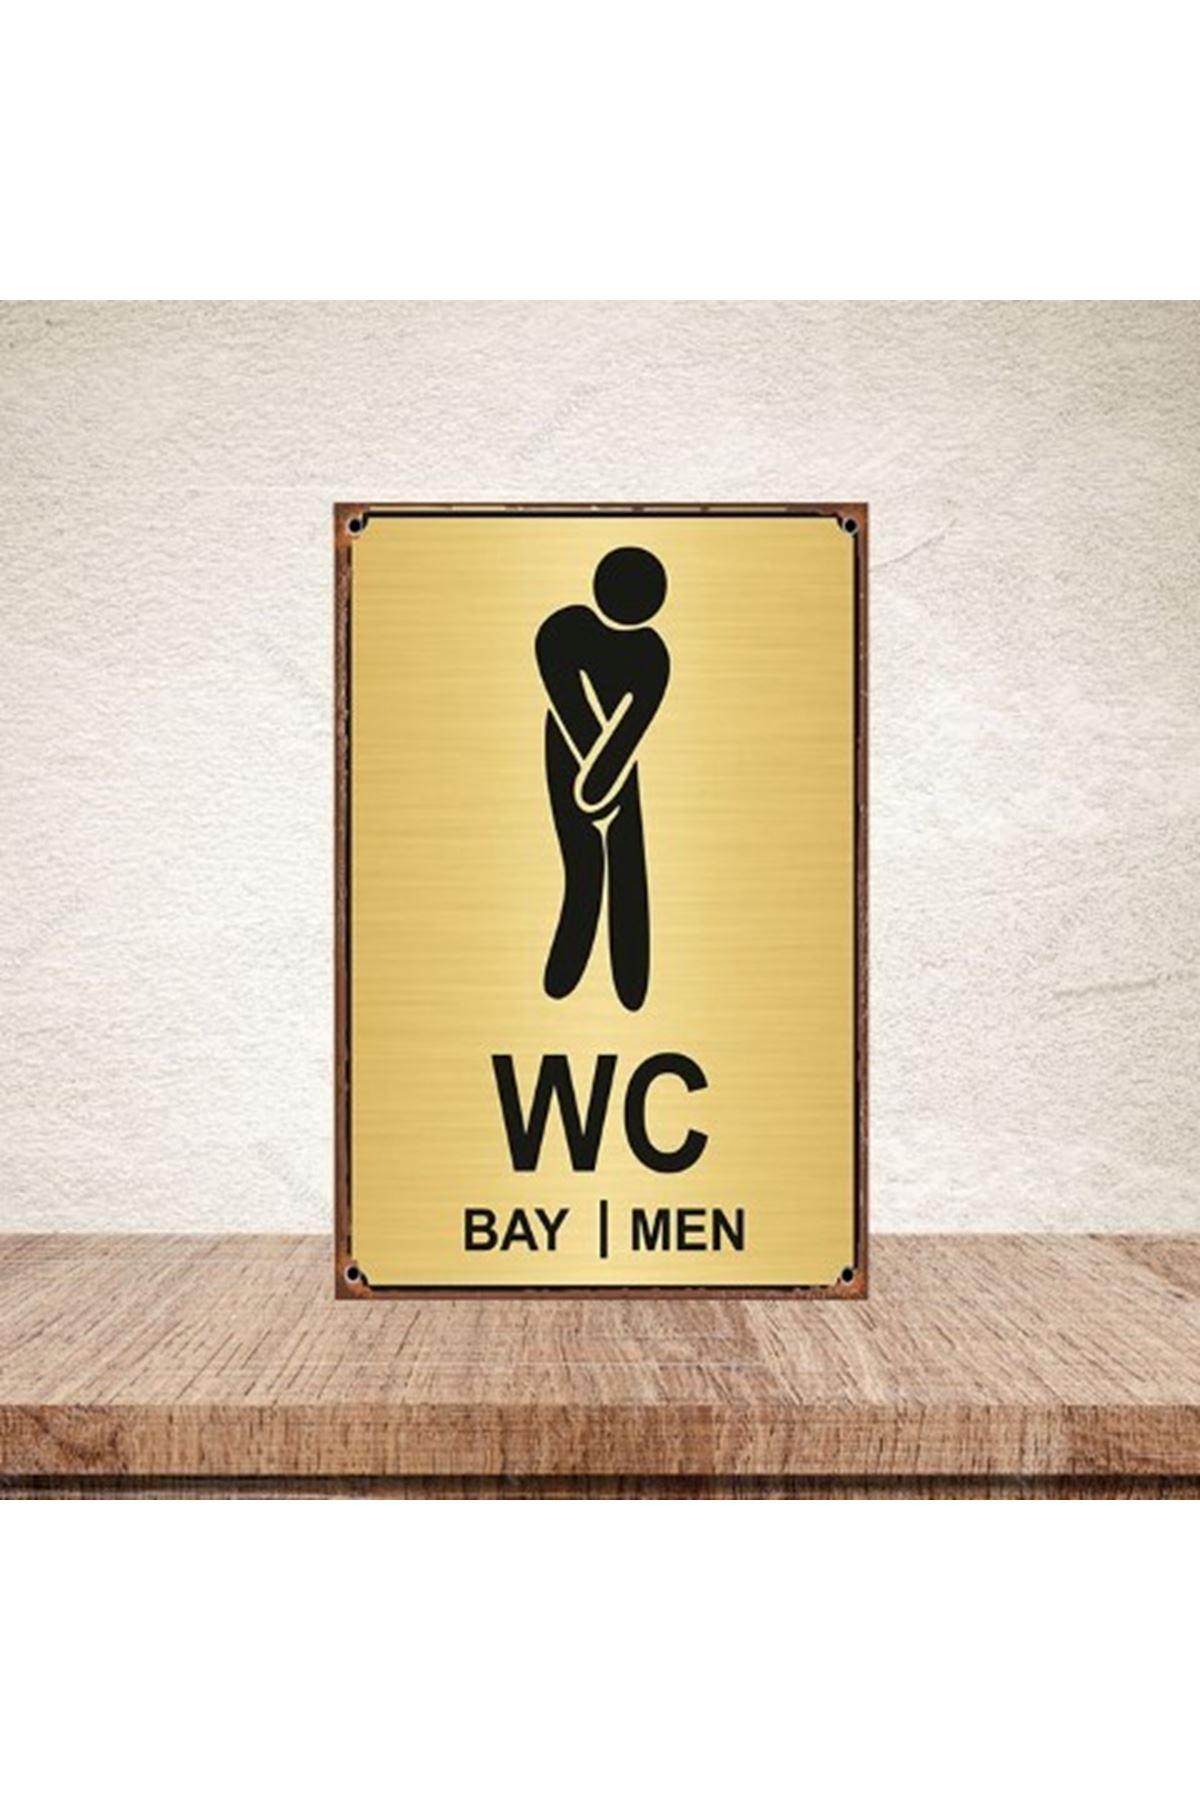 WC BAY/MEN -AHŞAP POSTER